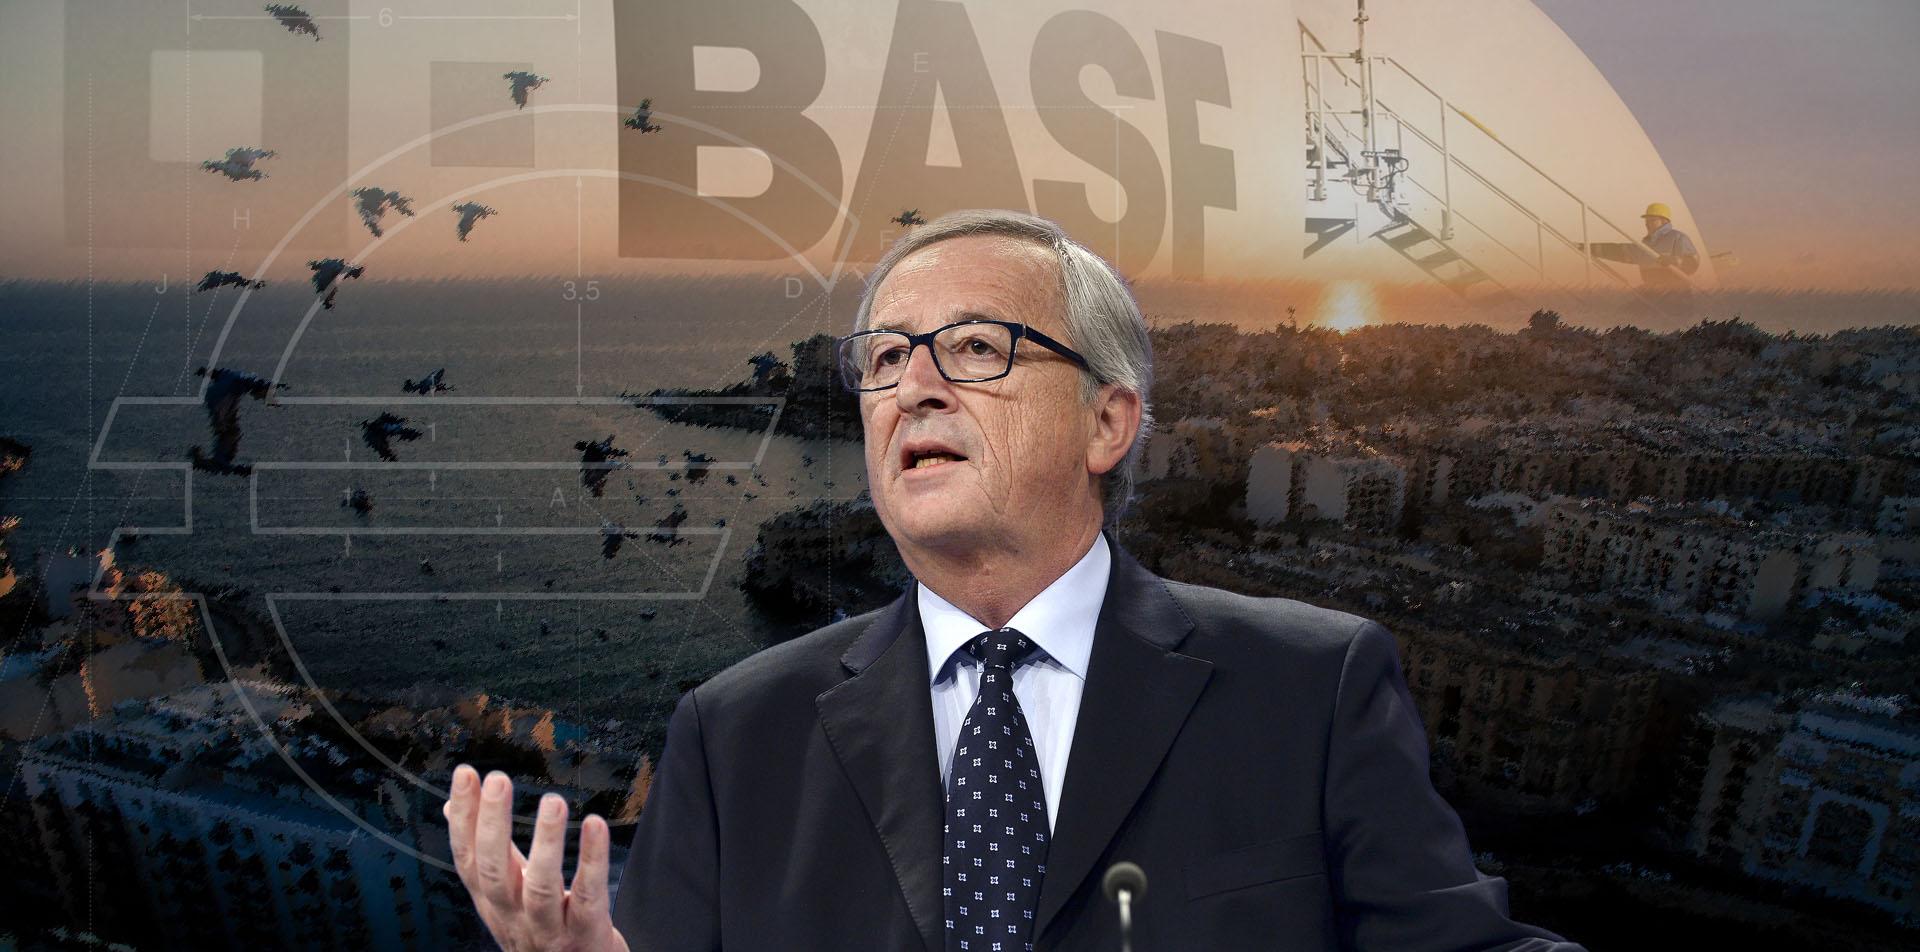 MALTAFILES: 'Europska Panama' – BASF na Malti uštedio 923 milijuna eura na porezu